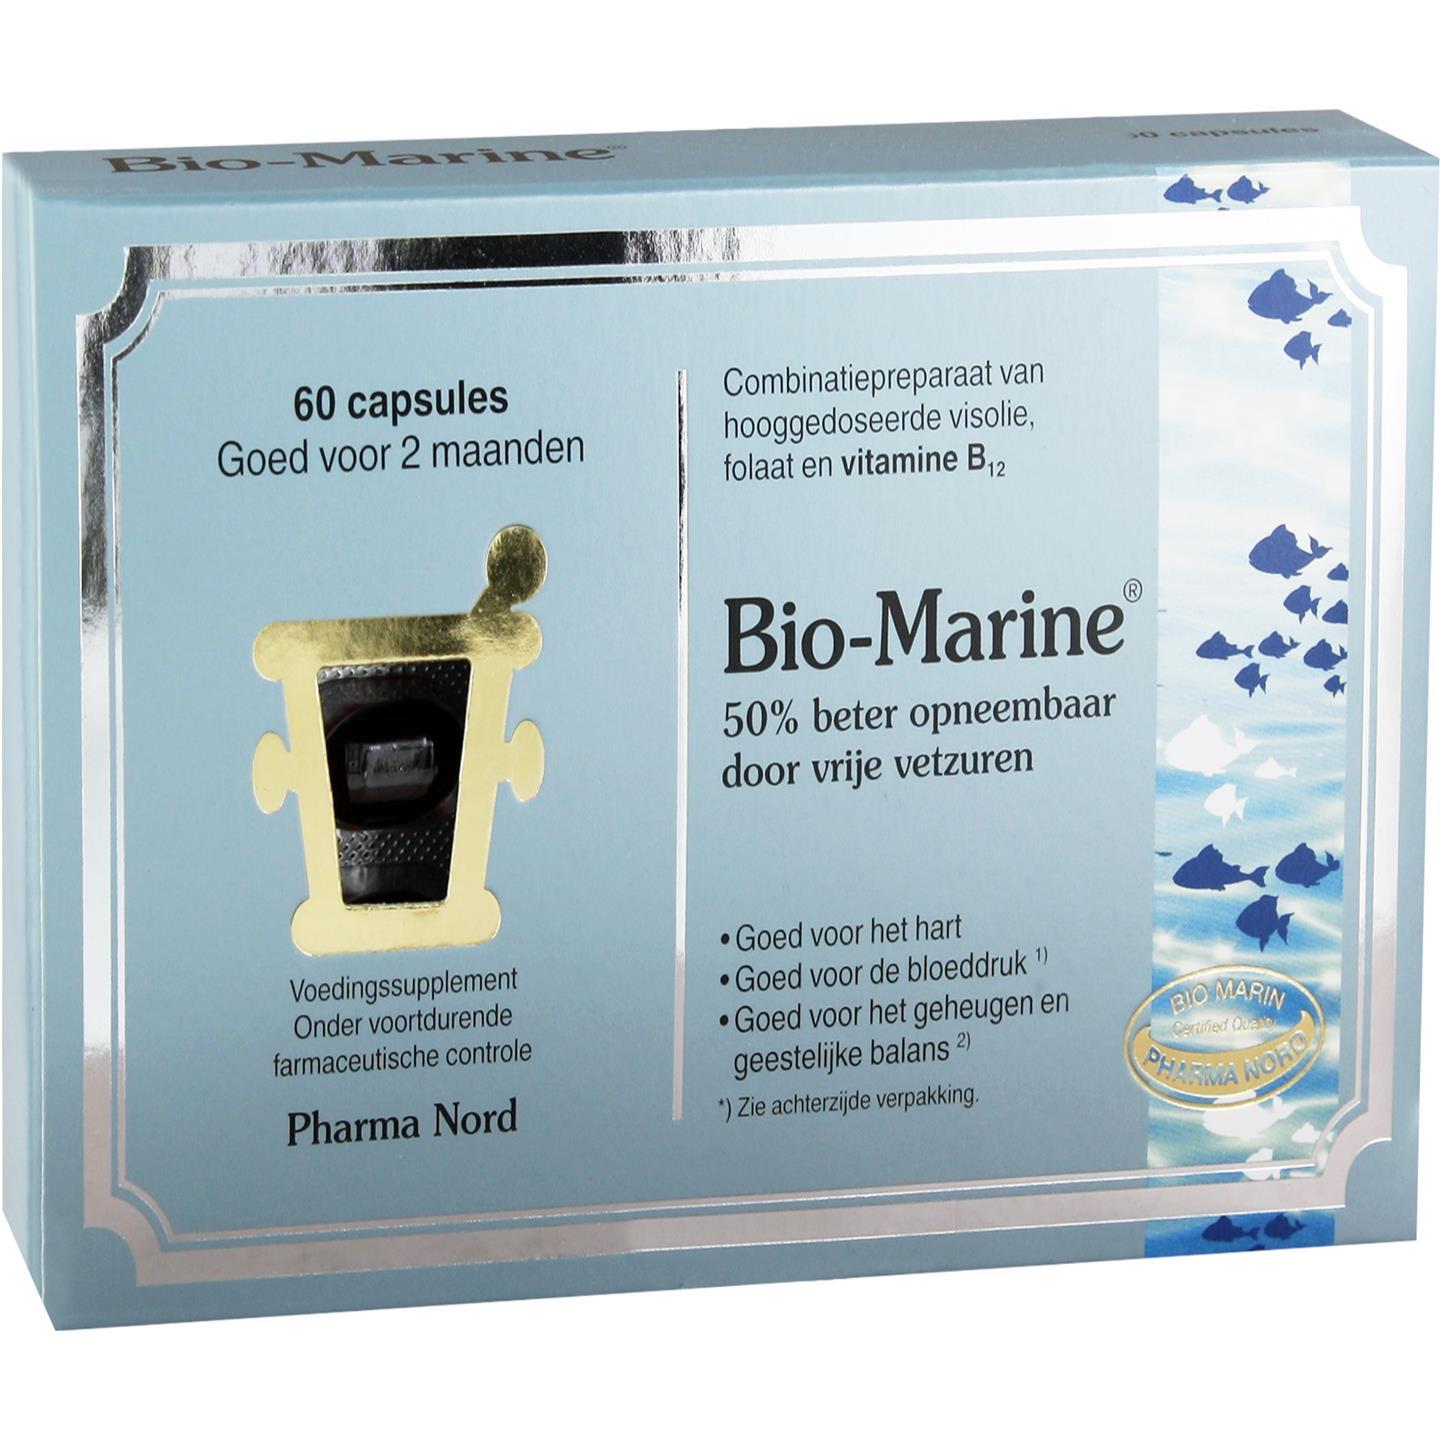 Bio-Marine